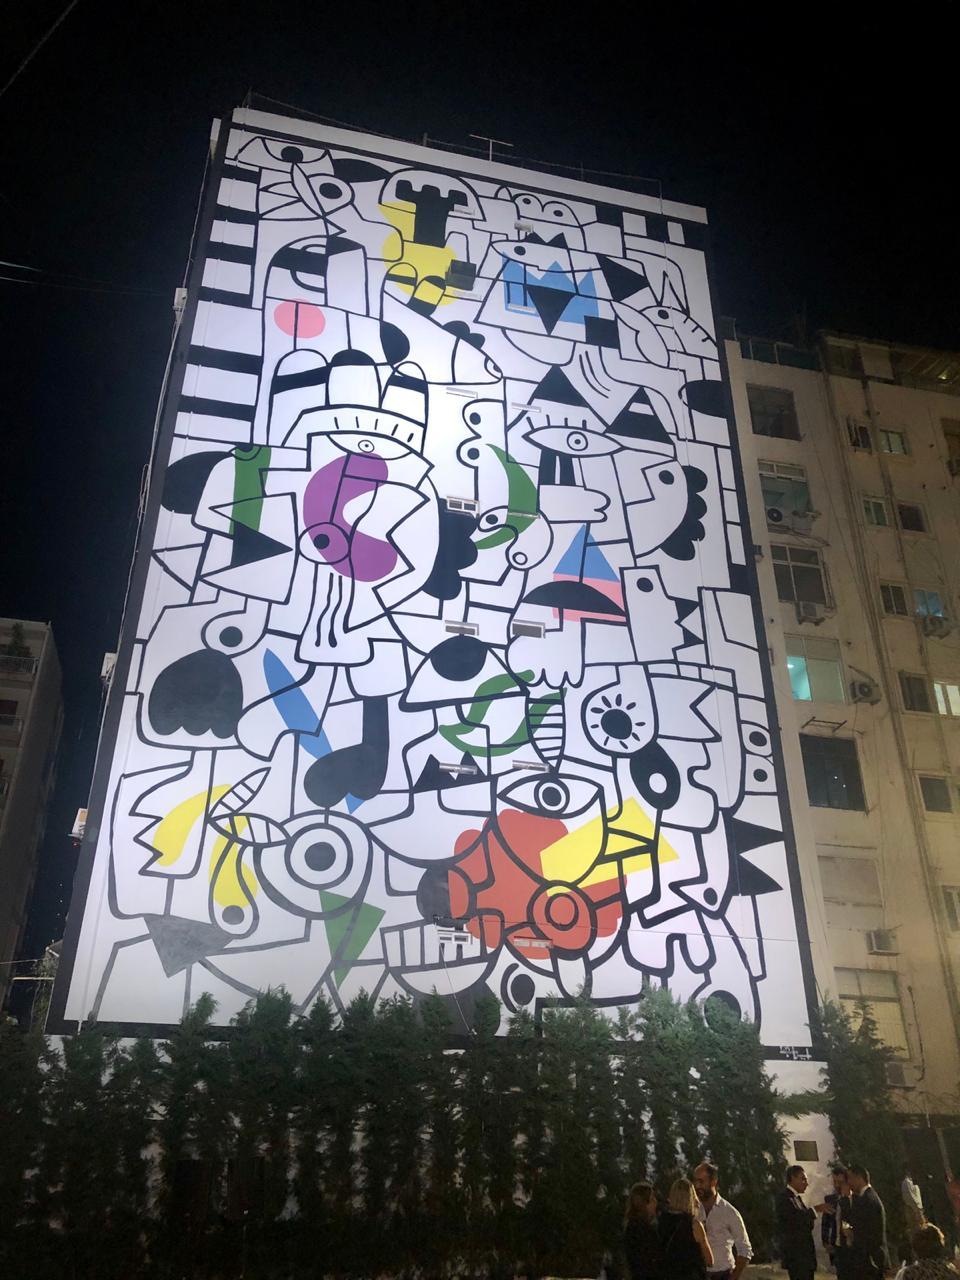 تمثّل اللوحة الجدارية متاهة حيث يتشابك عدد من الحيوانات والمخلوقات الوهمية